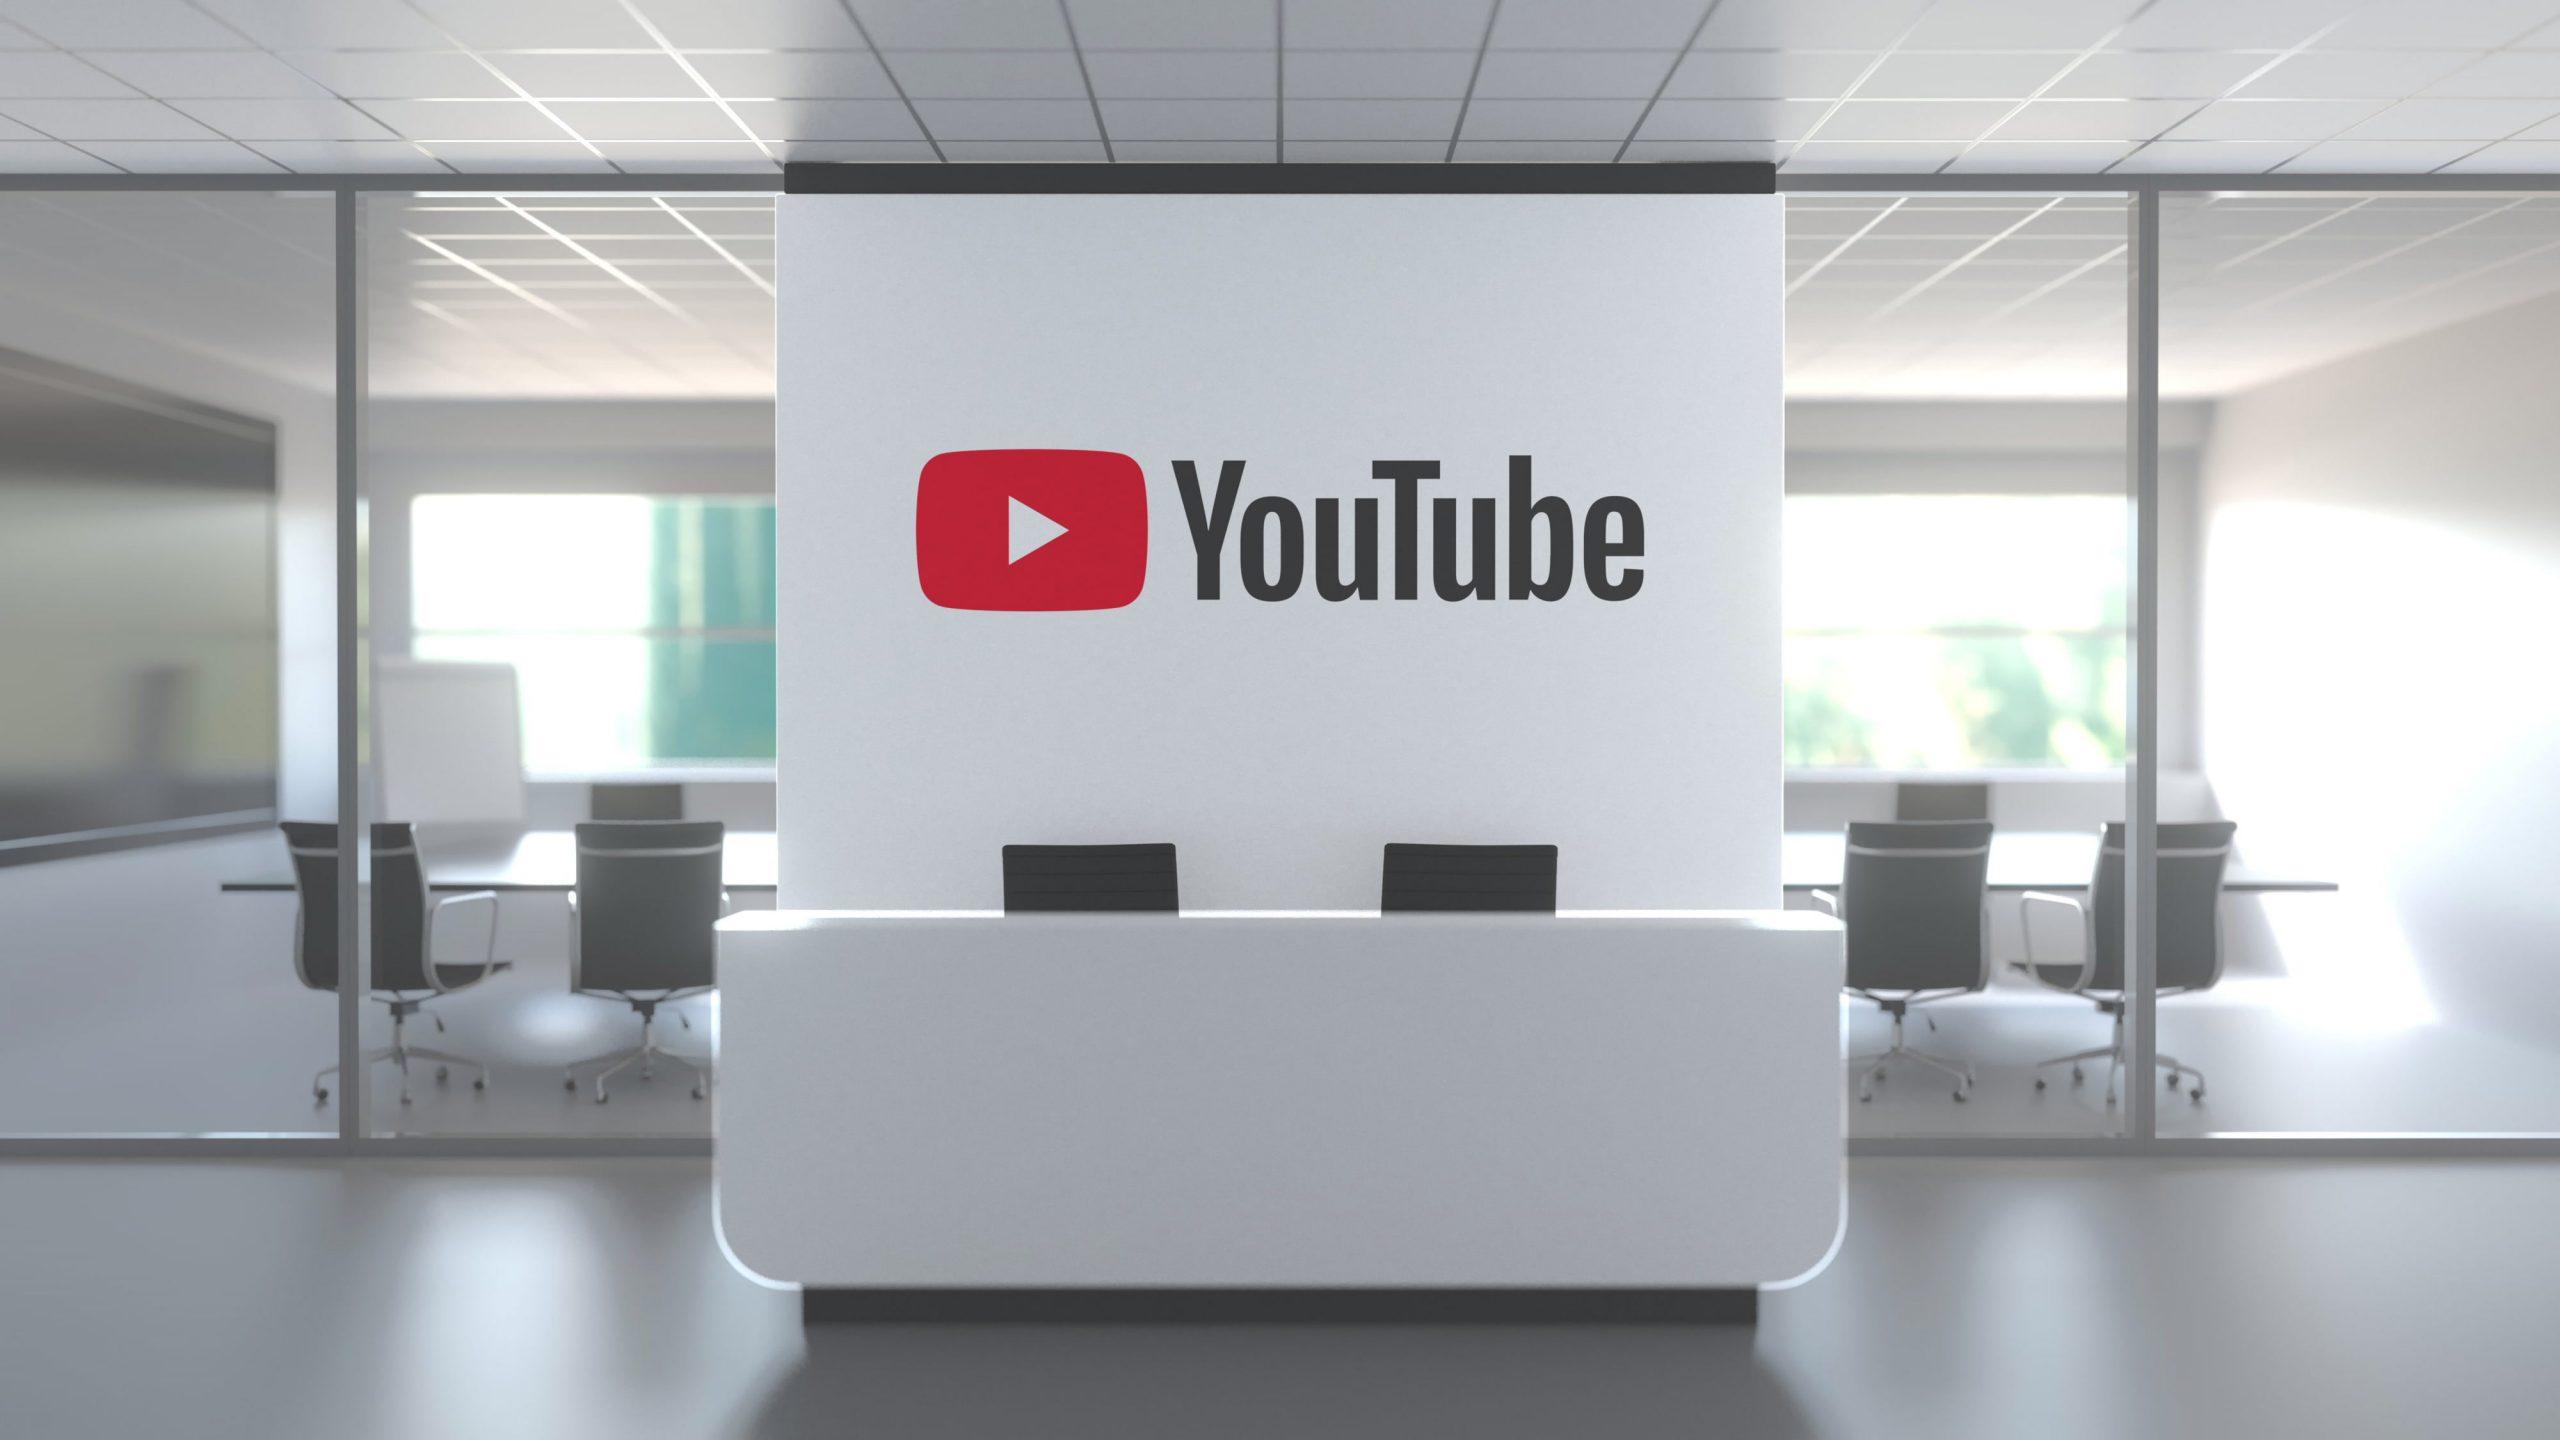 Jak optymalizować i pozycjonować filmiki na YouTube?